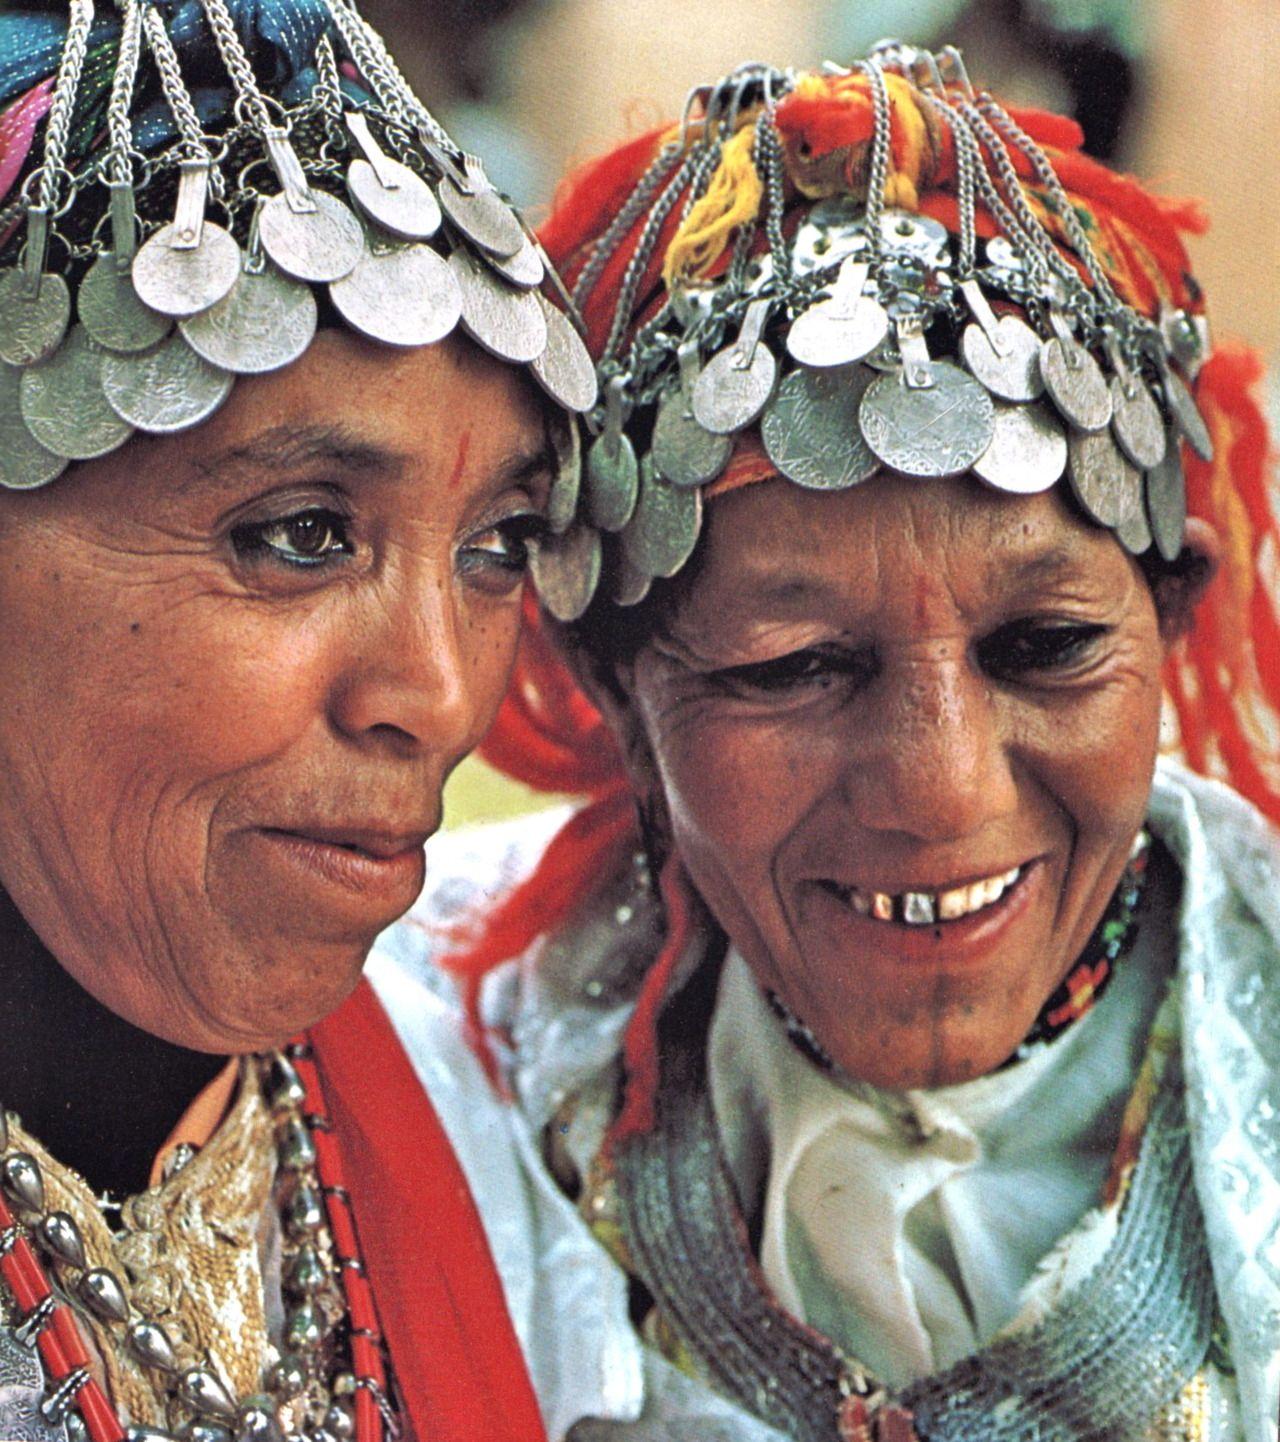 Mutilarea genitală a femeilor: unde, de ce, care sunt urmările | Actualitate | Parlamentul European